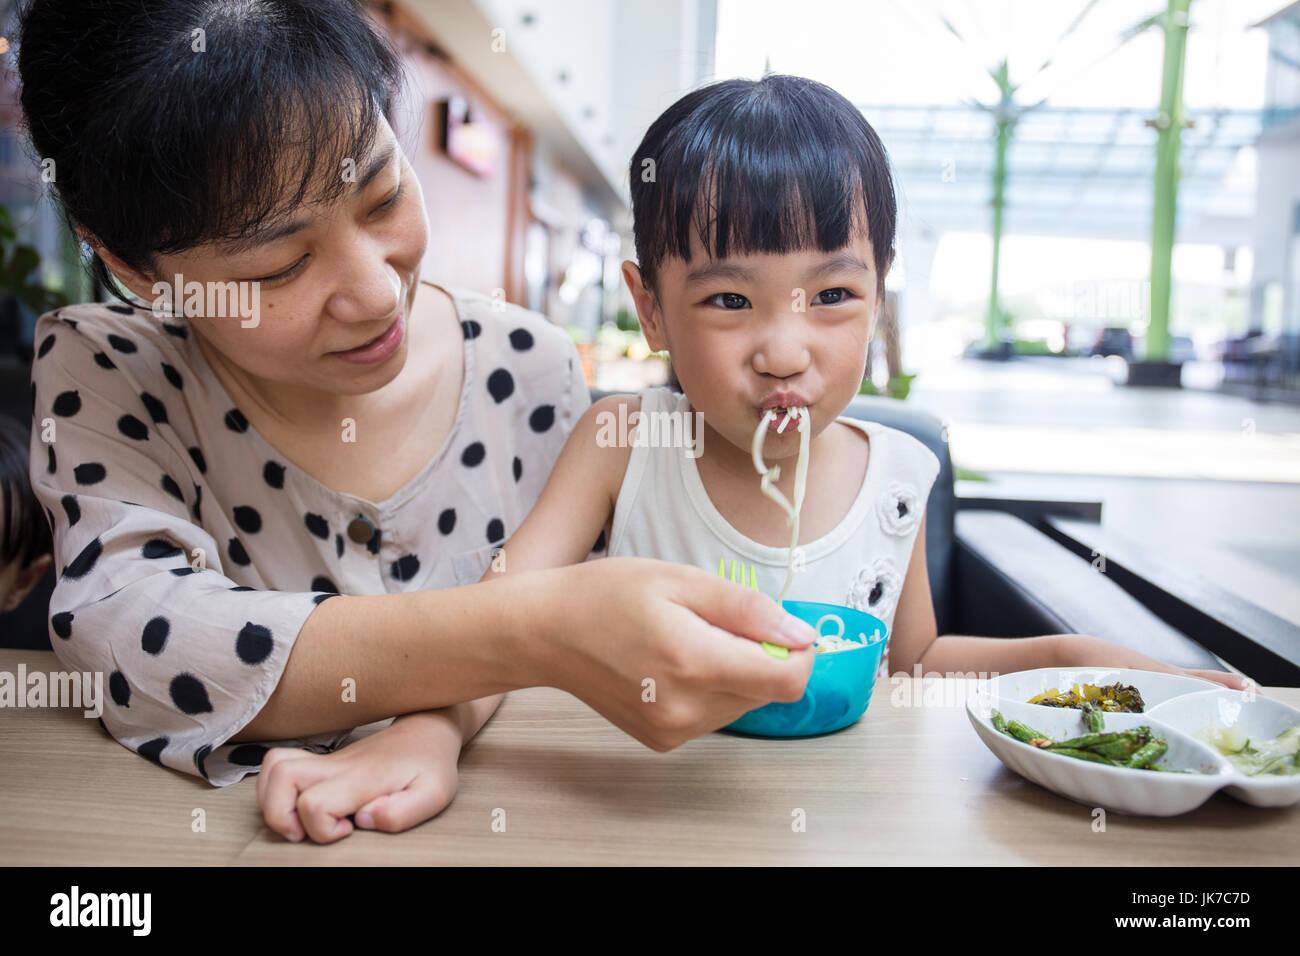 Chino Asia, madre e hija comer carne fideos en café al aire libre Imagen De Stock